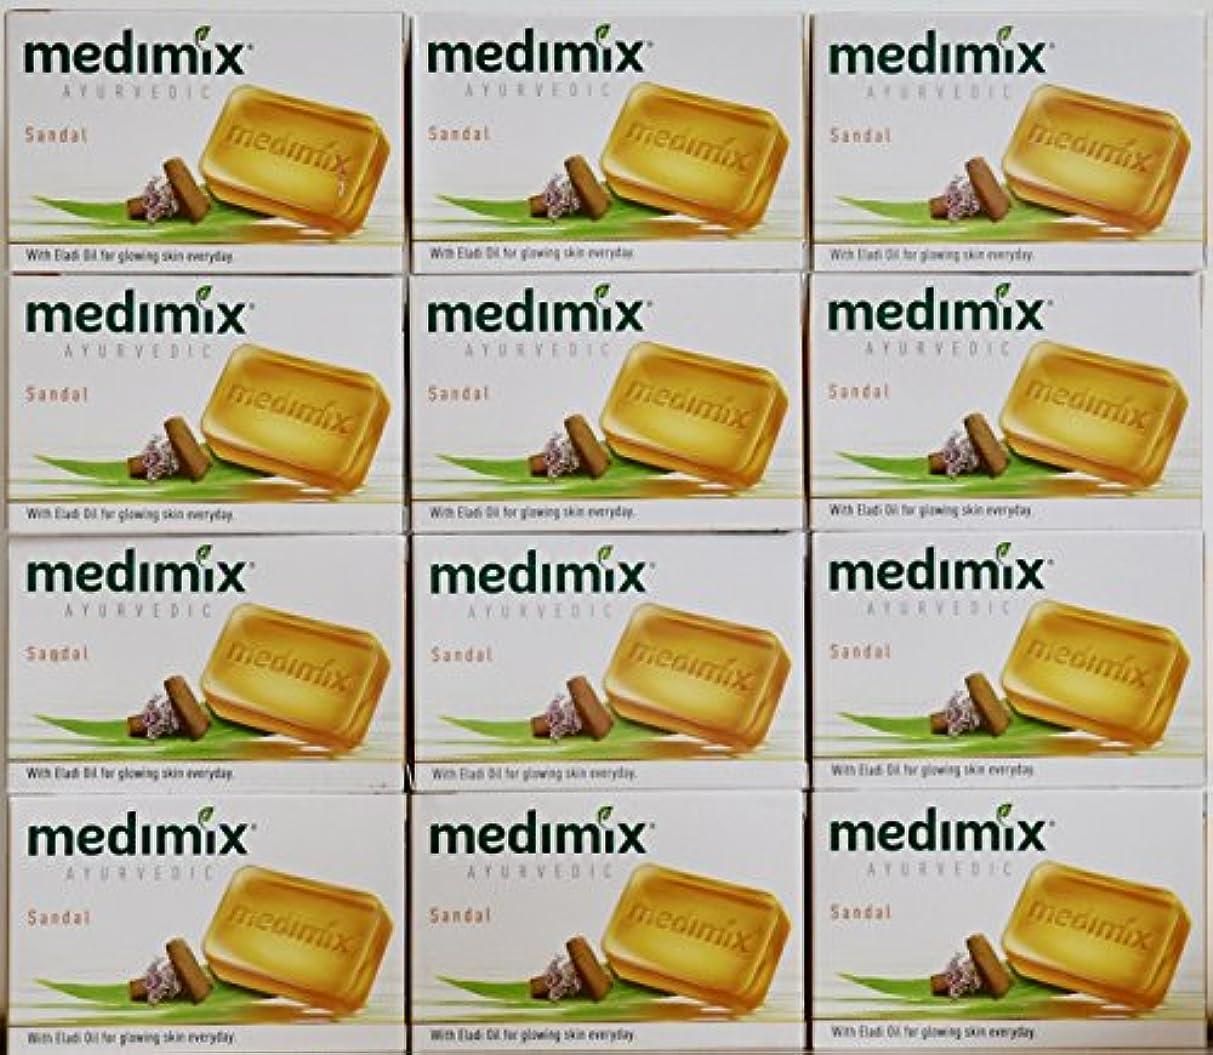 郵便屋さんショッキング磨かれたmedimix メディミックス アーユルヴェディックサンダル 石鹸(旧商品名クラシックオレンジ))125g 12個入り